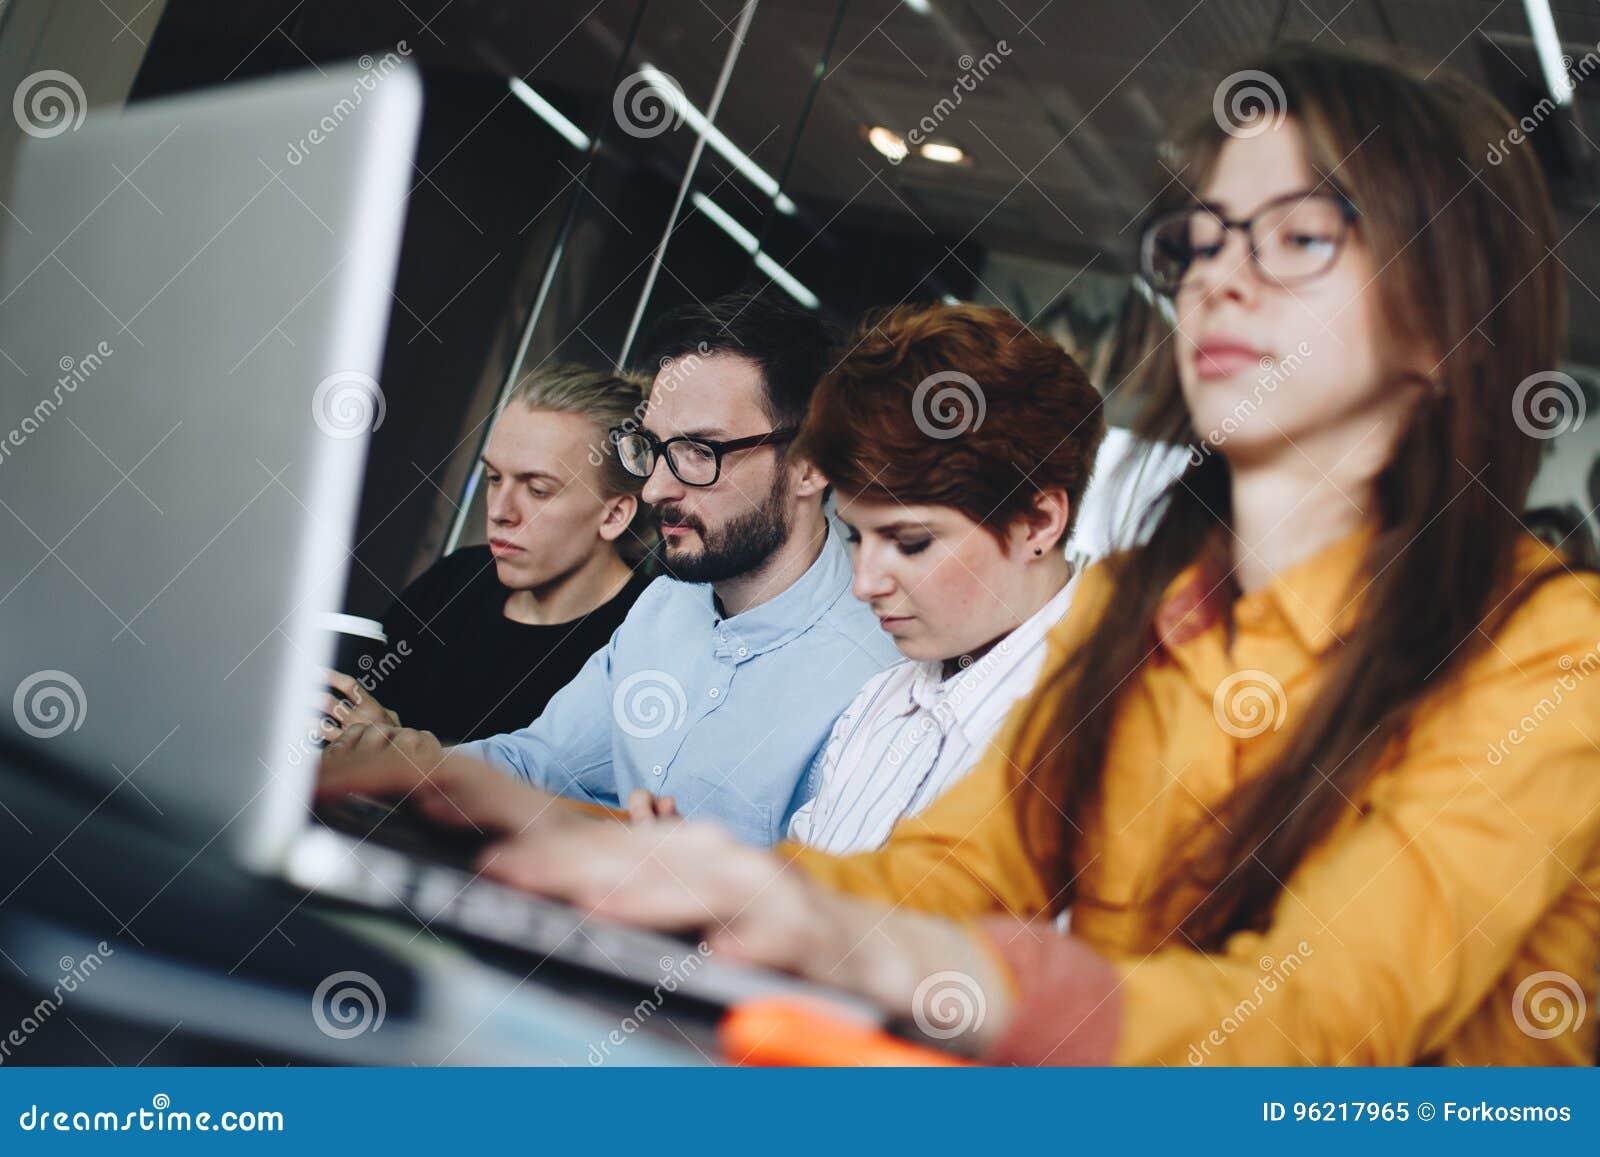 Funktionsduglig atmosfär i ett modernt coworking rum Besättning av barn mal